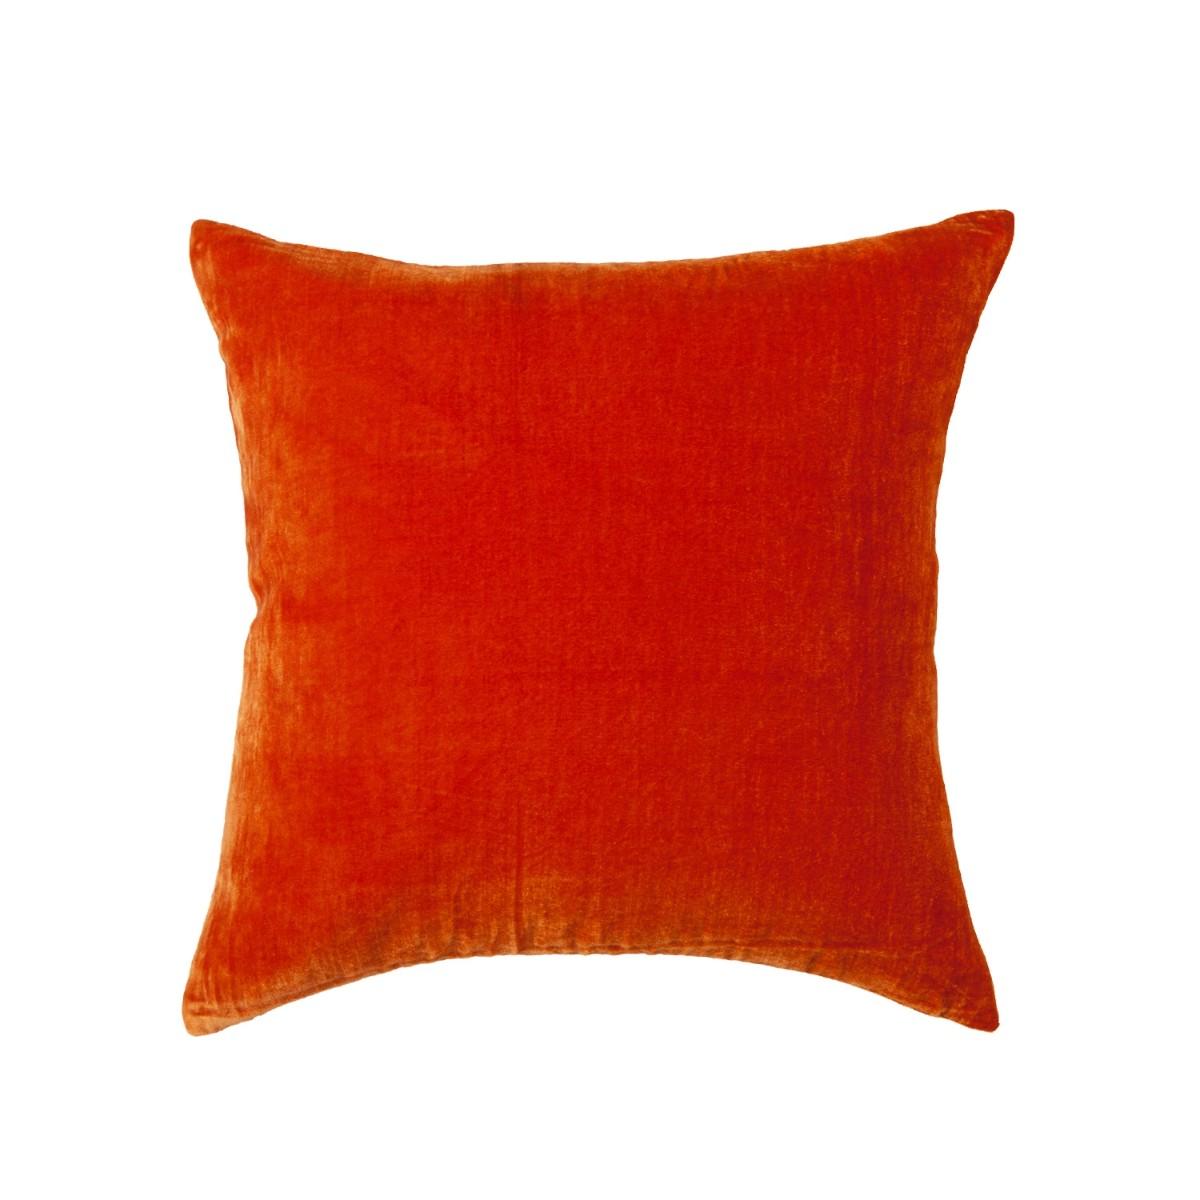 William Yeoward |Paddy Velvet Cushion Blood Orange